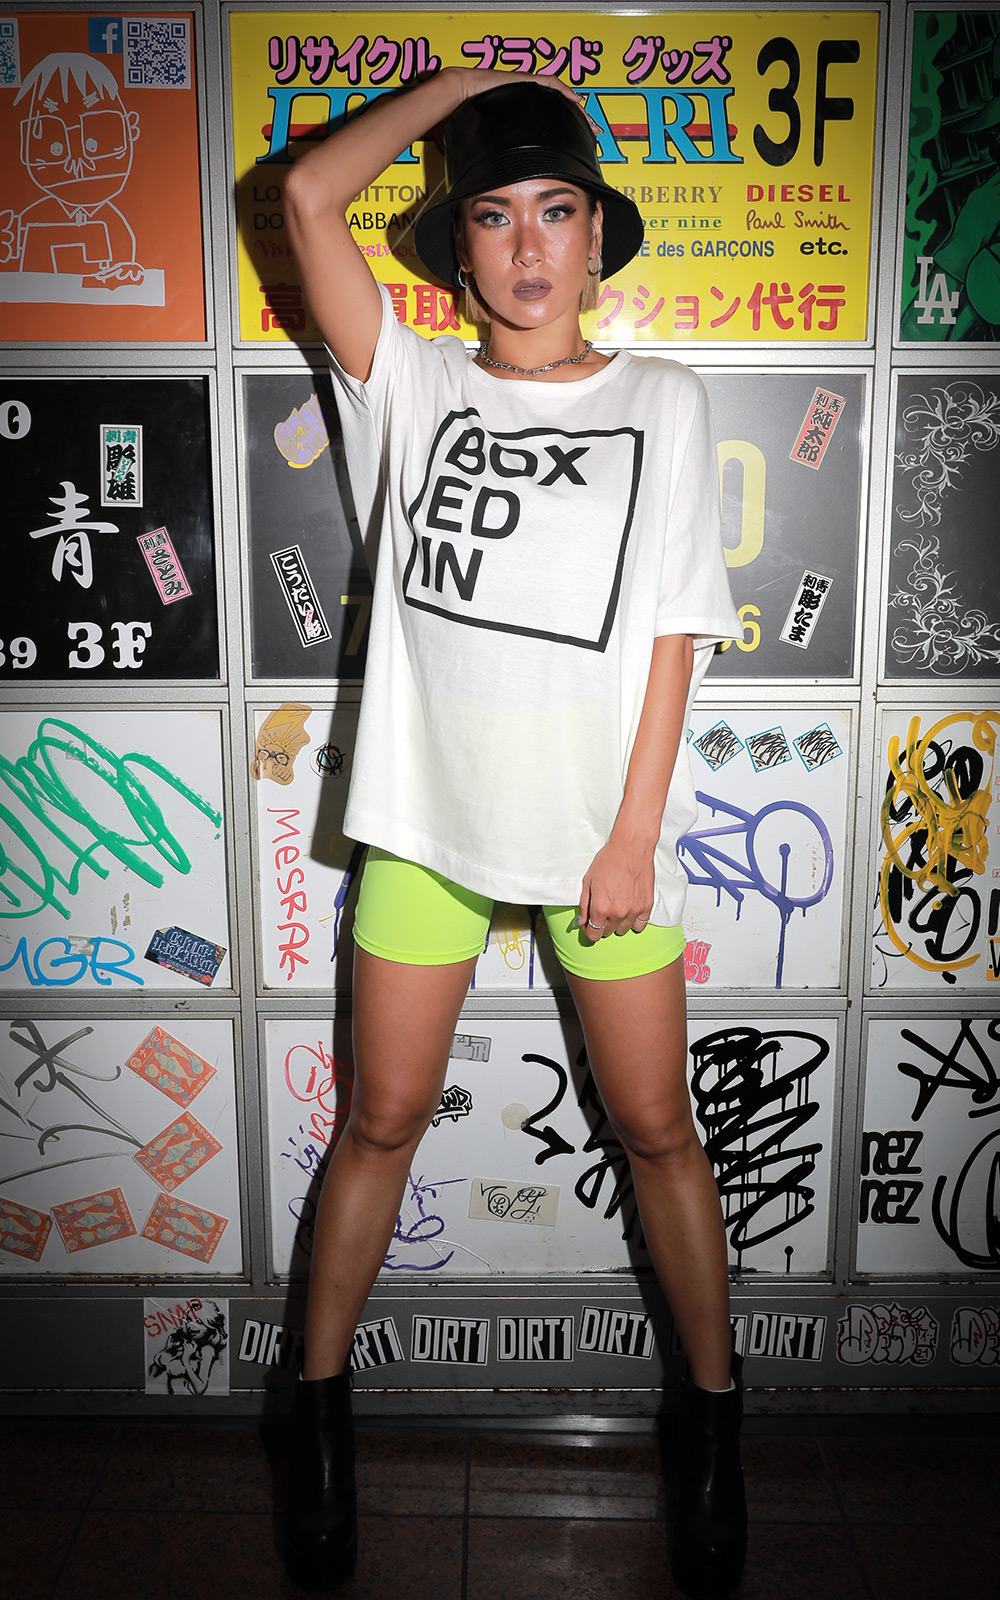 ダンス衣装通販のボムシェル[bombshell]・Lookbook01-11-03